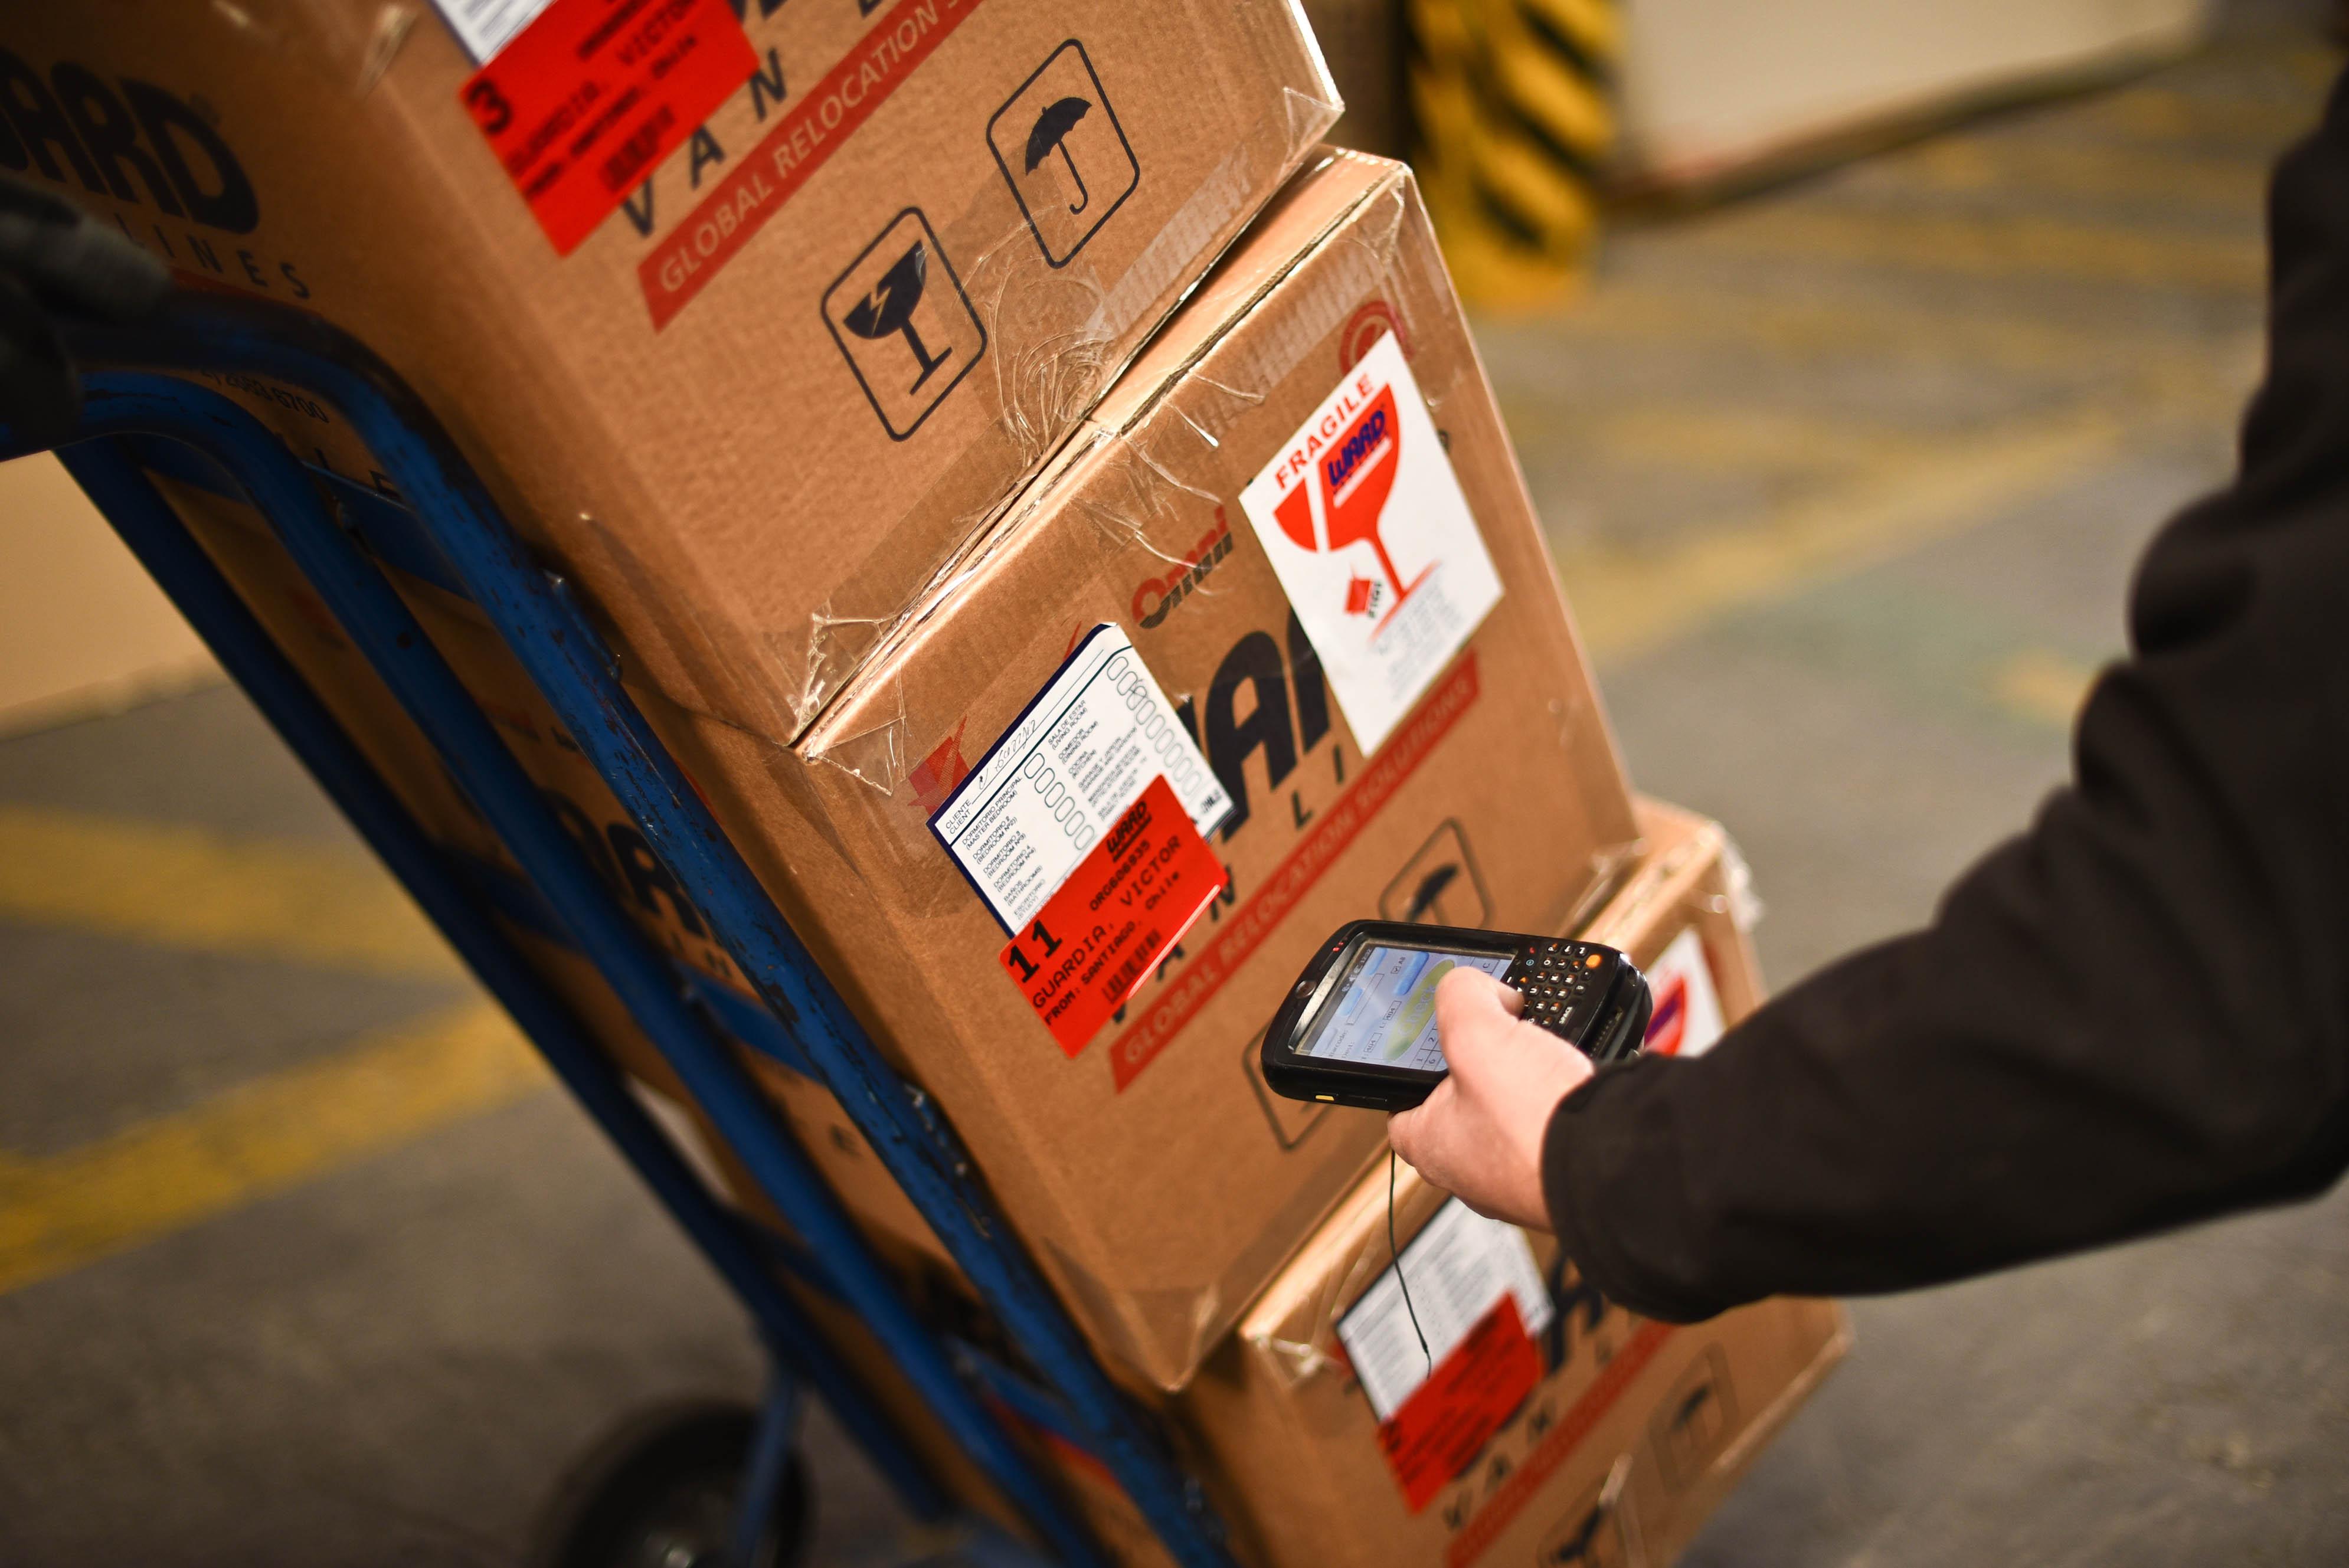 Cajas rotuladas con etiquetas para almacenamiento prolongado